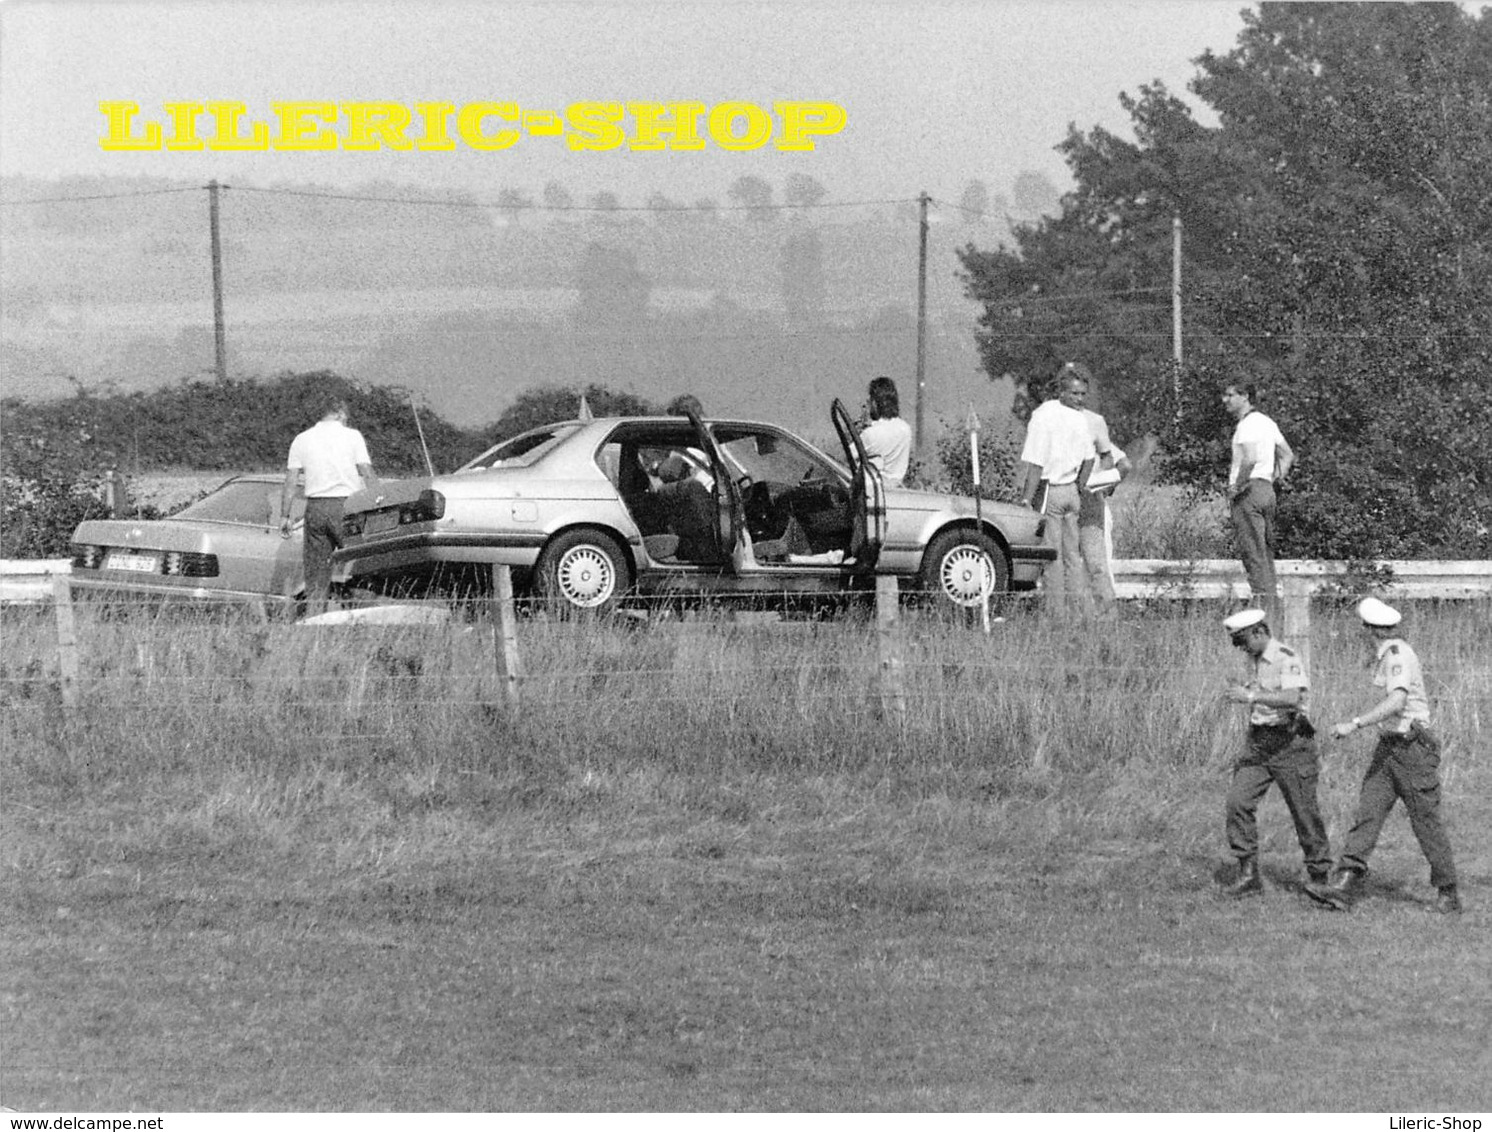 7 Silberdrucke Von LYNX Press  Geiselnahme Nach Dem Angriff Auf Eine Bank In GLADBECK 08/1988 - Rabatt - 50% ↘ ↪18 09 ! - Photographs